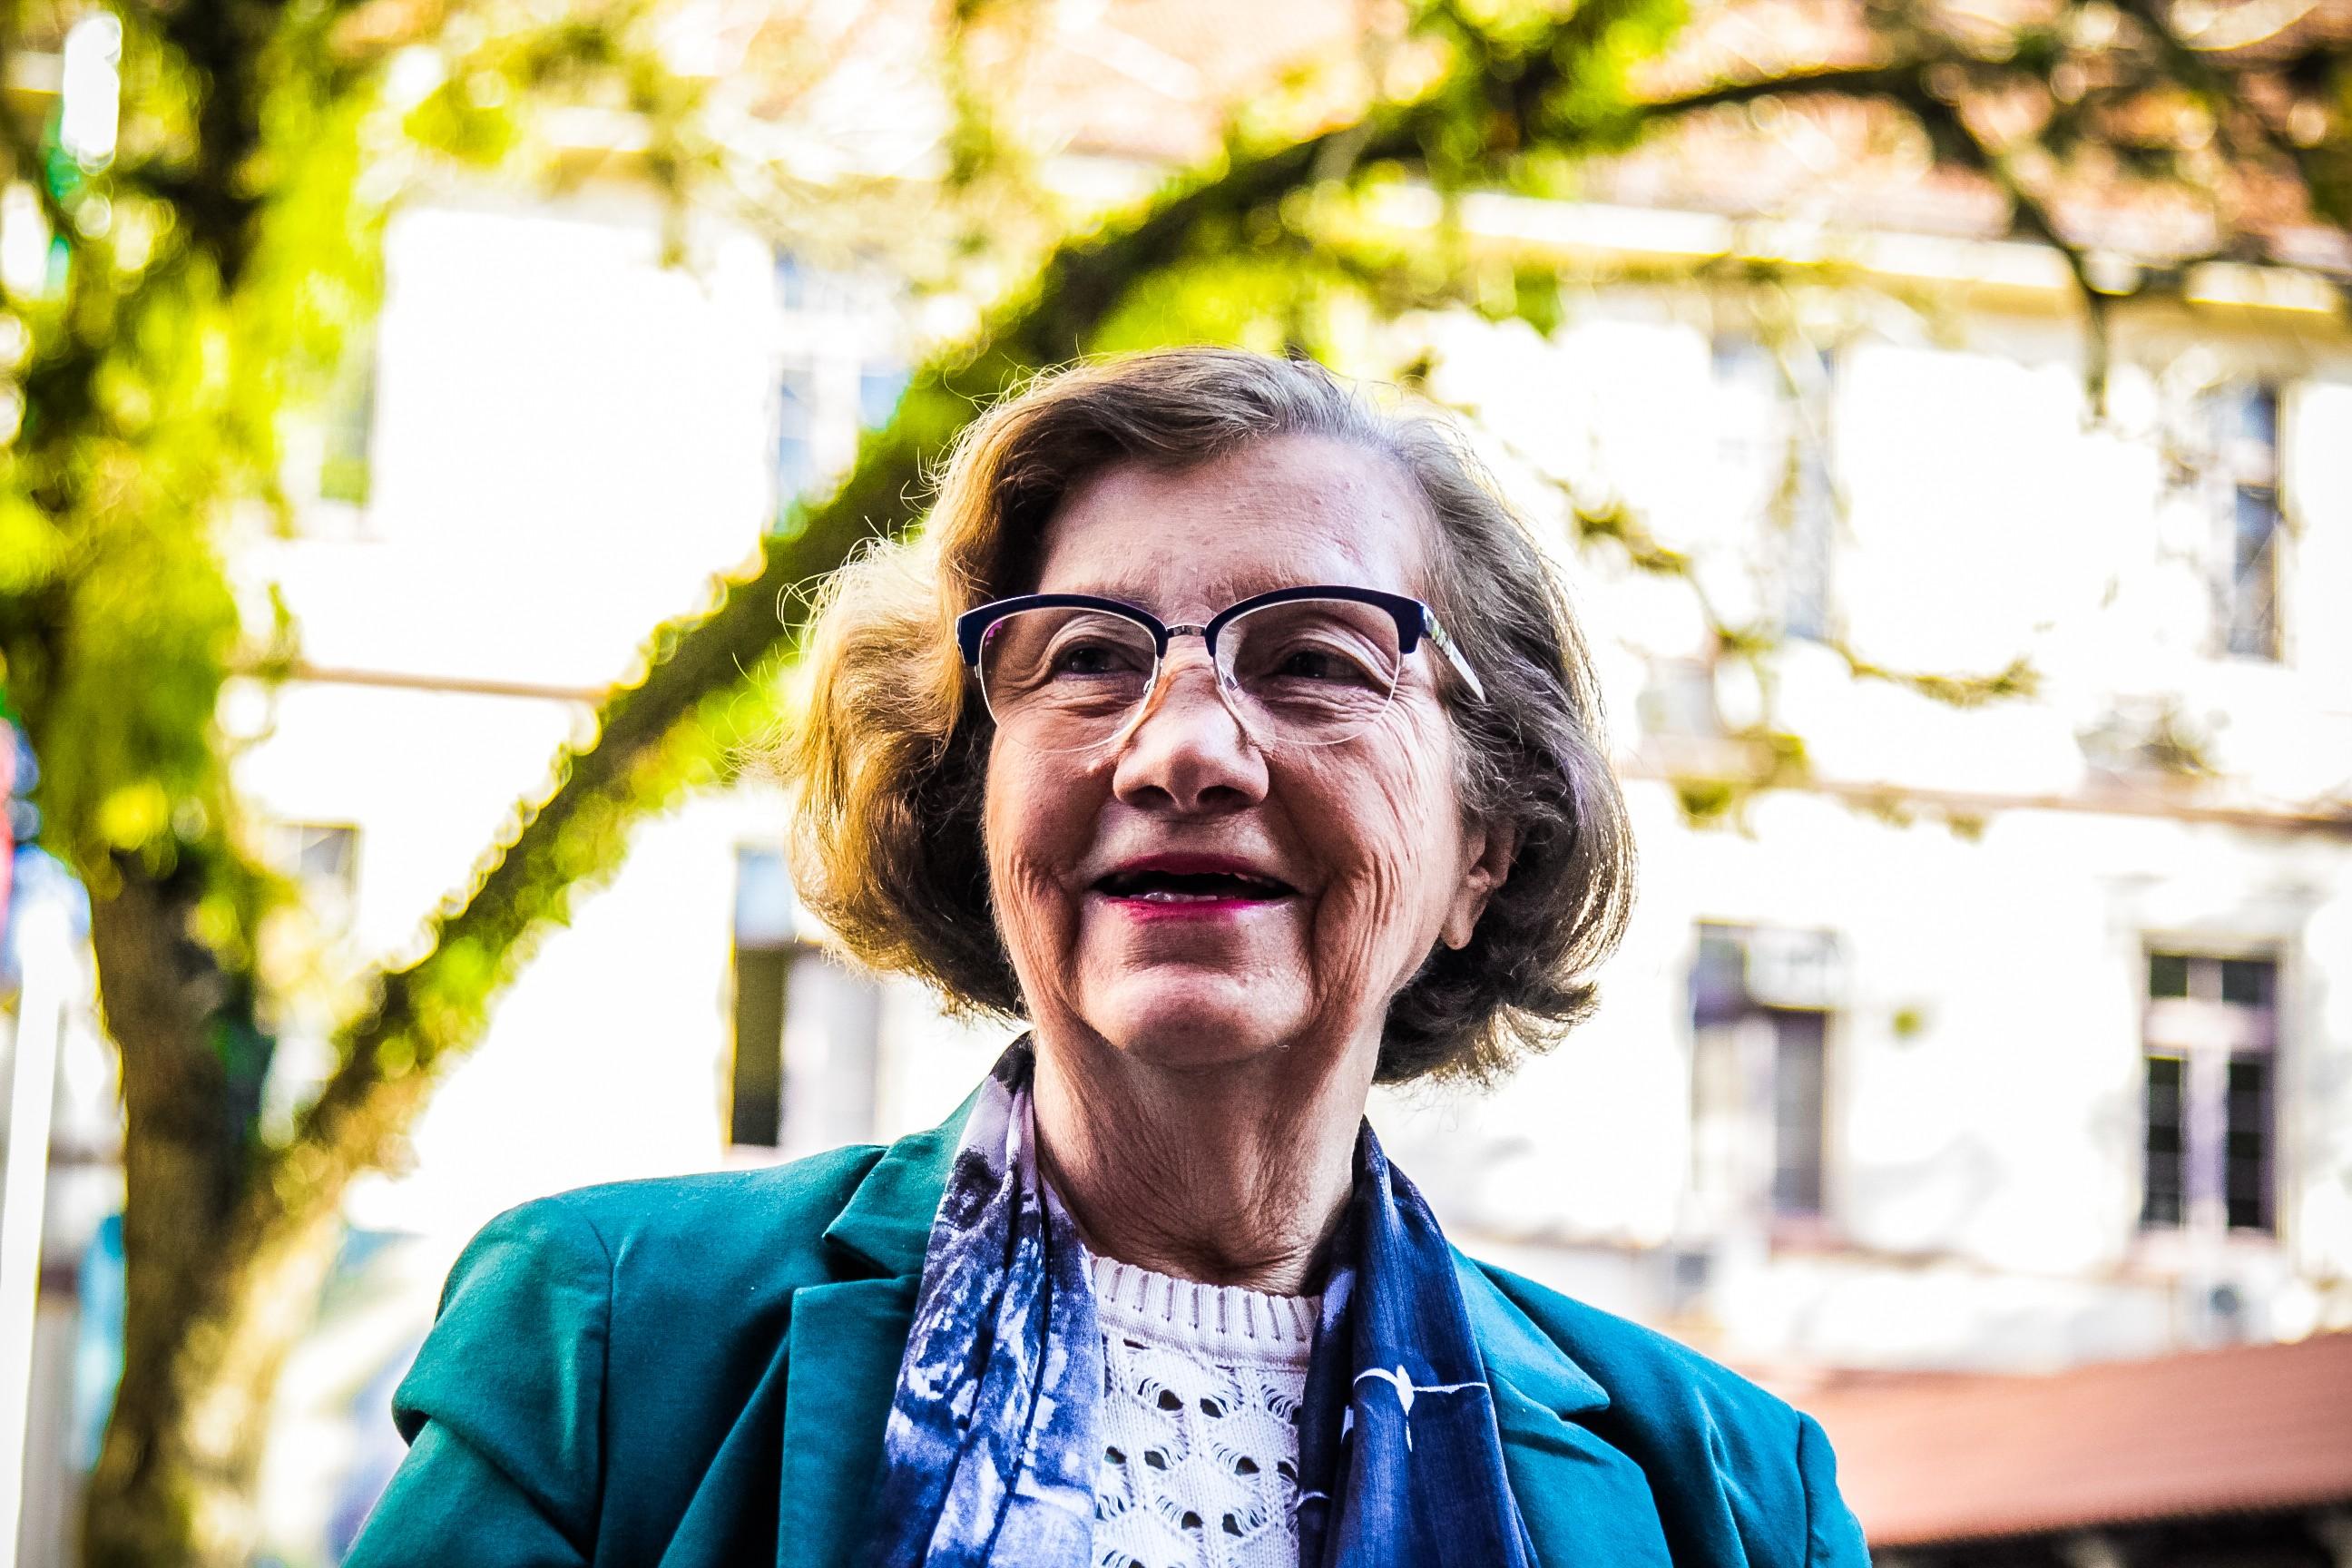 Aos 83 anos, moradora de Canoas se forma em Letras: 'velhice é só por fora. A gente pode se conservar jovem' - Notícias - Plantão Diário